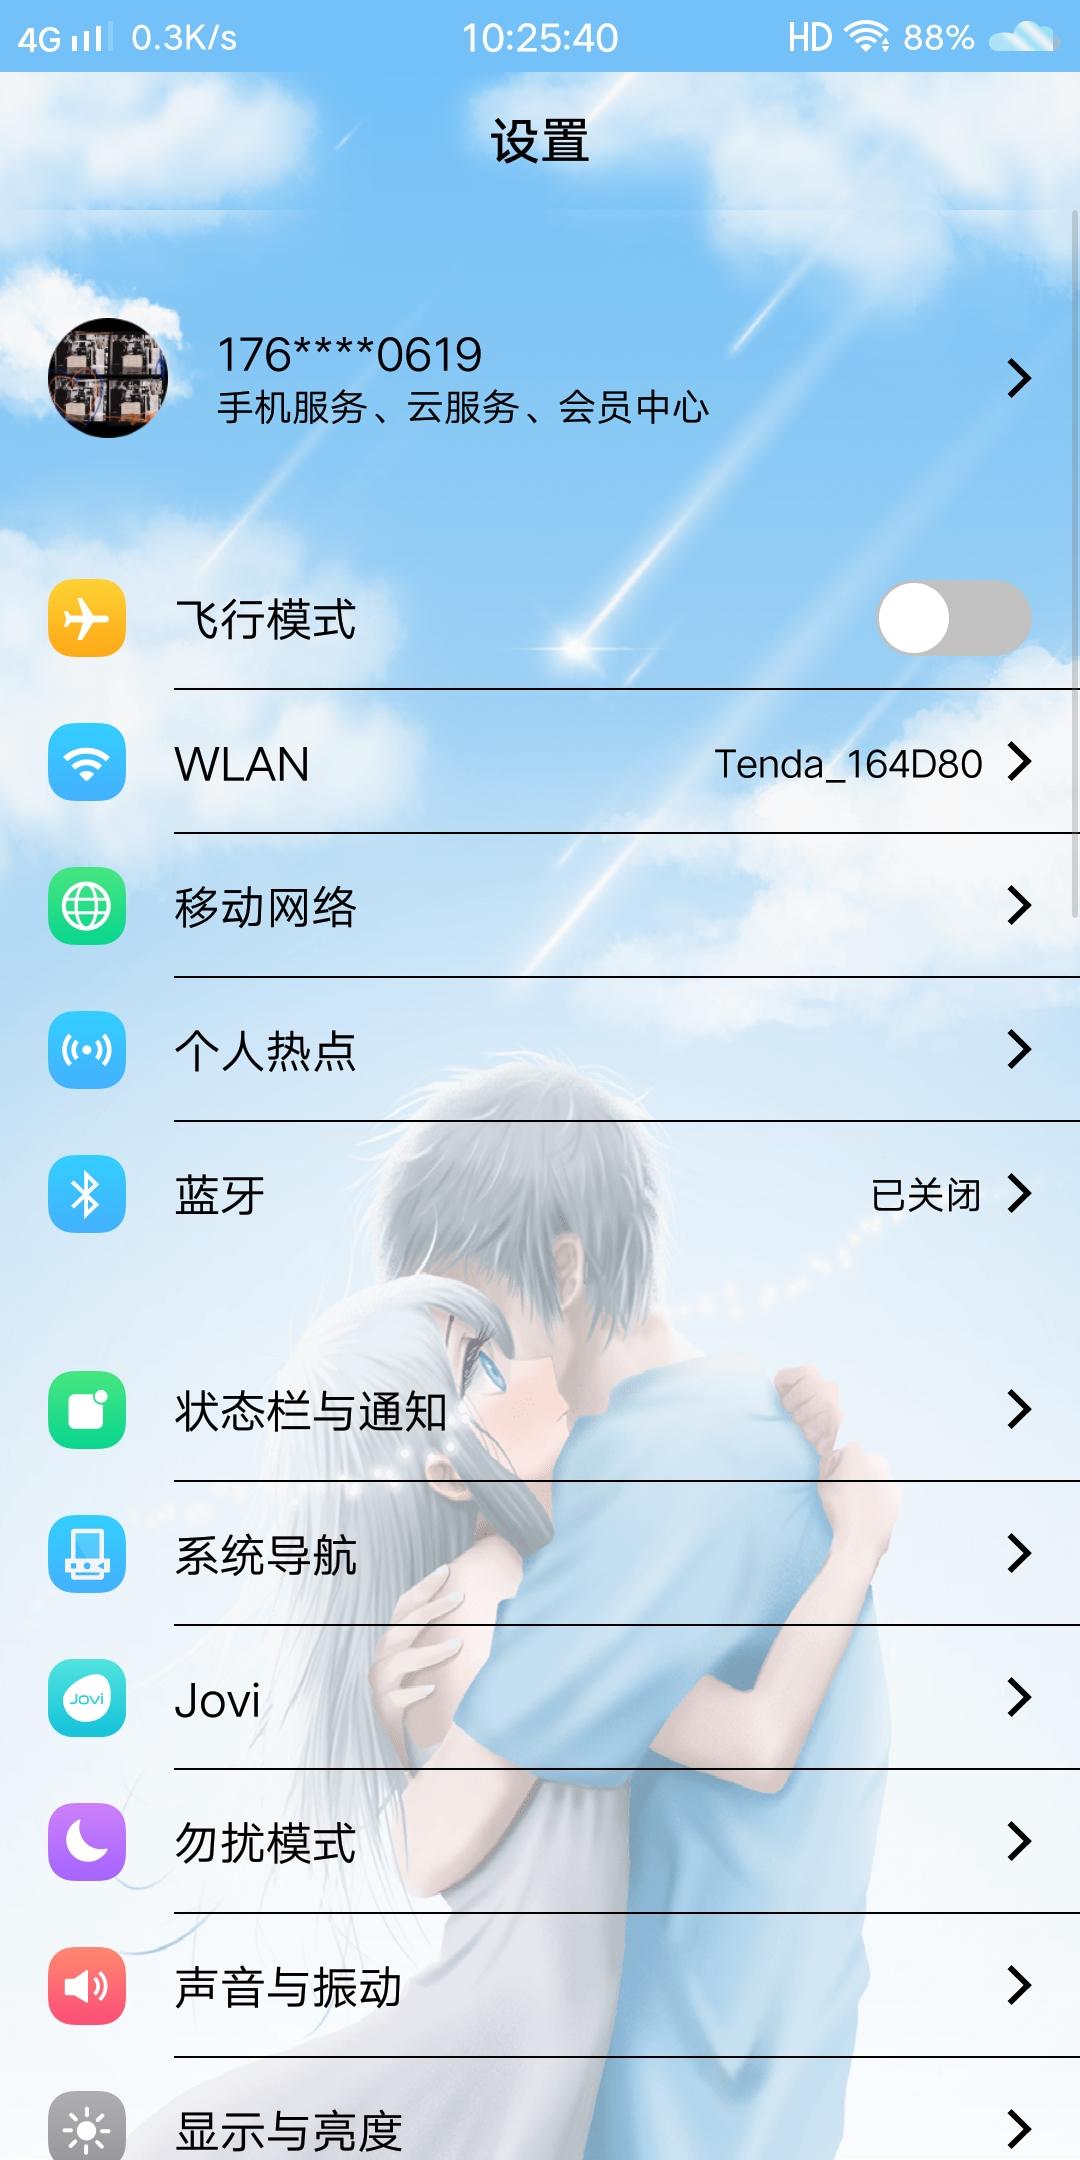 Screenshot_20190428_102540.jpg